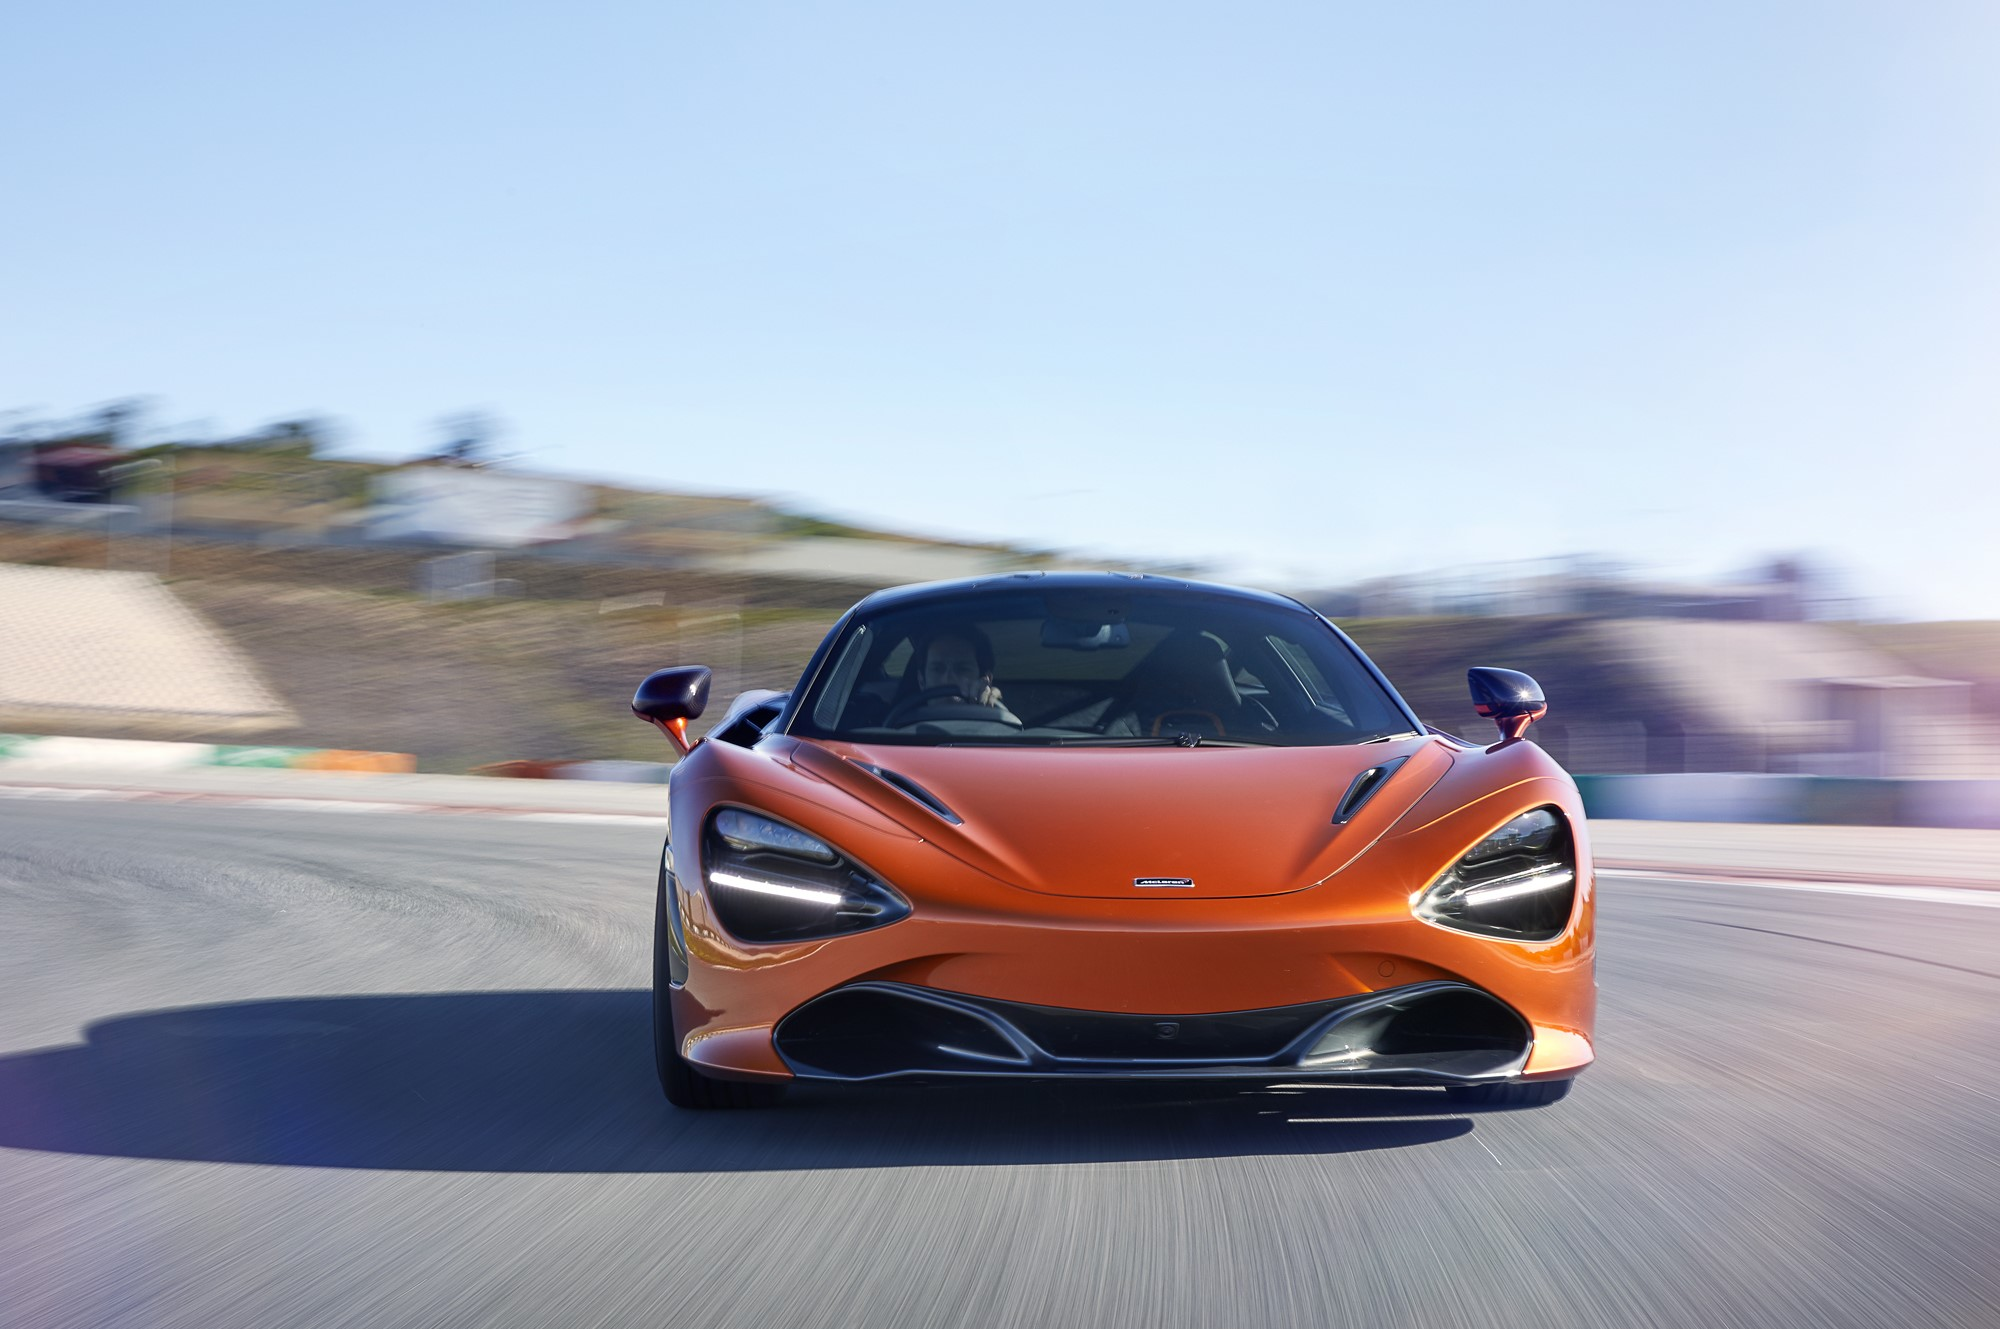 Pictures of McLaren